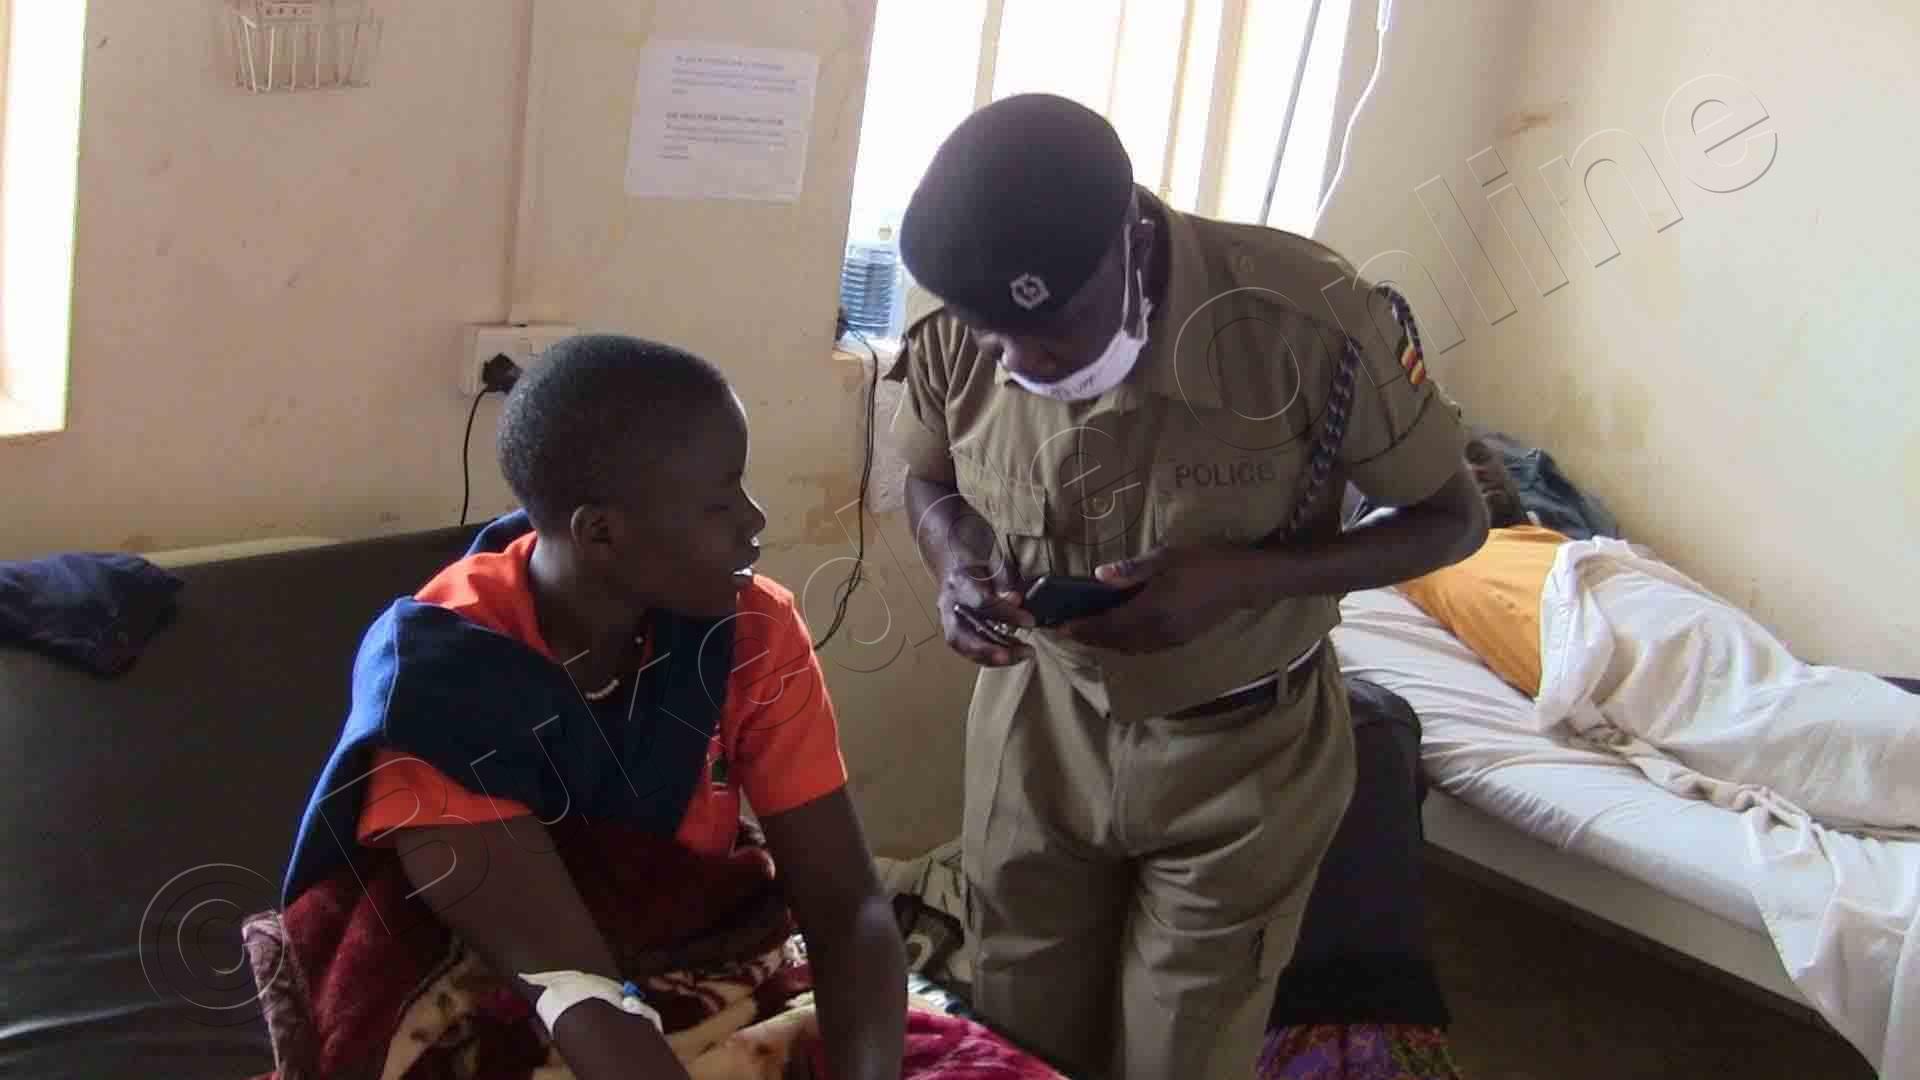 Omusikale Wa Poliisi Ng'agenda Ng'ayogerako N'omu Ku Bayizi Abaakubiddwa Ttiyaggaasi.